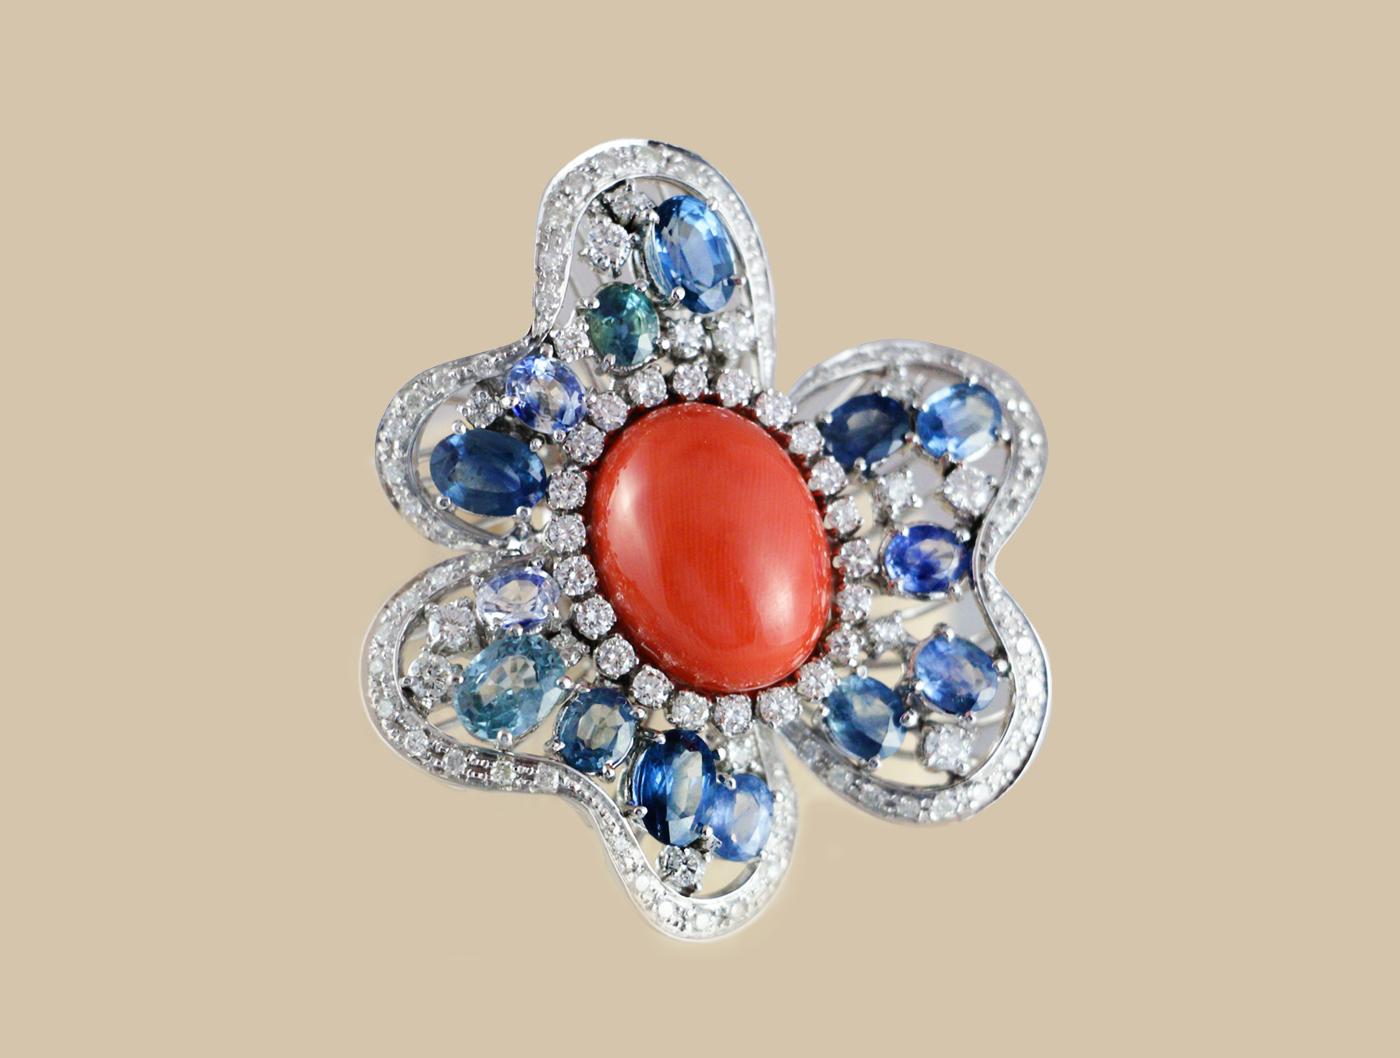 gioielli preziosi fecarotta antichità cover